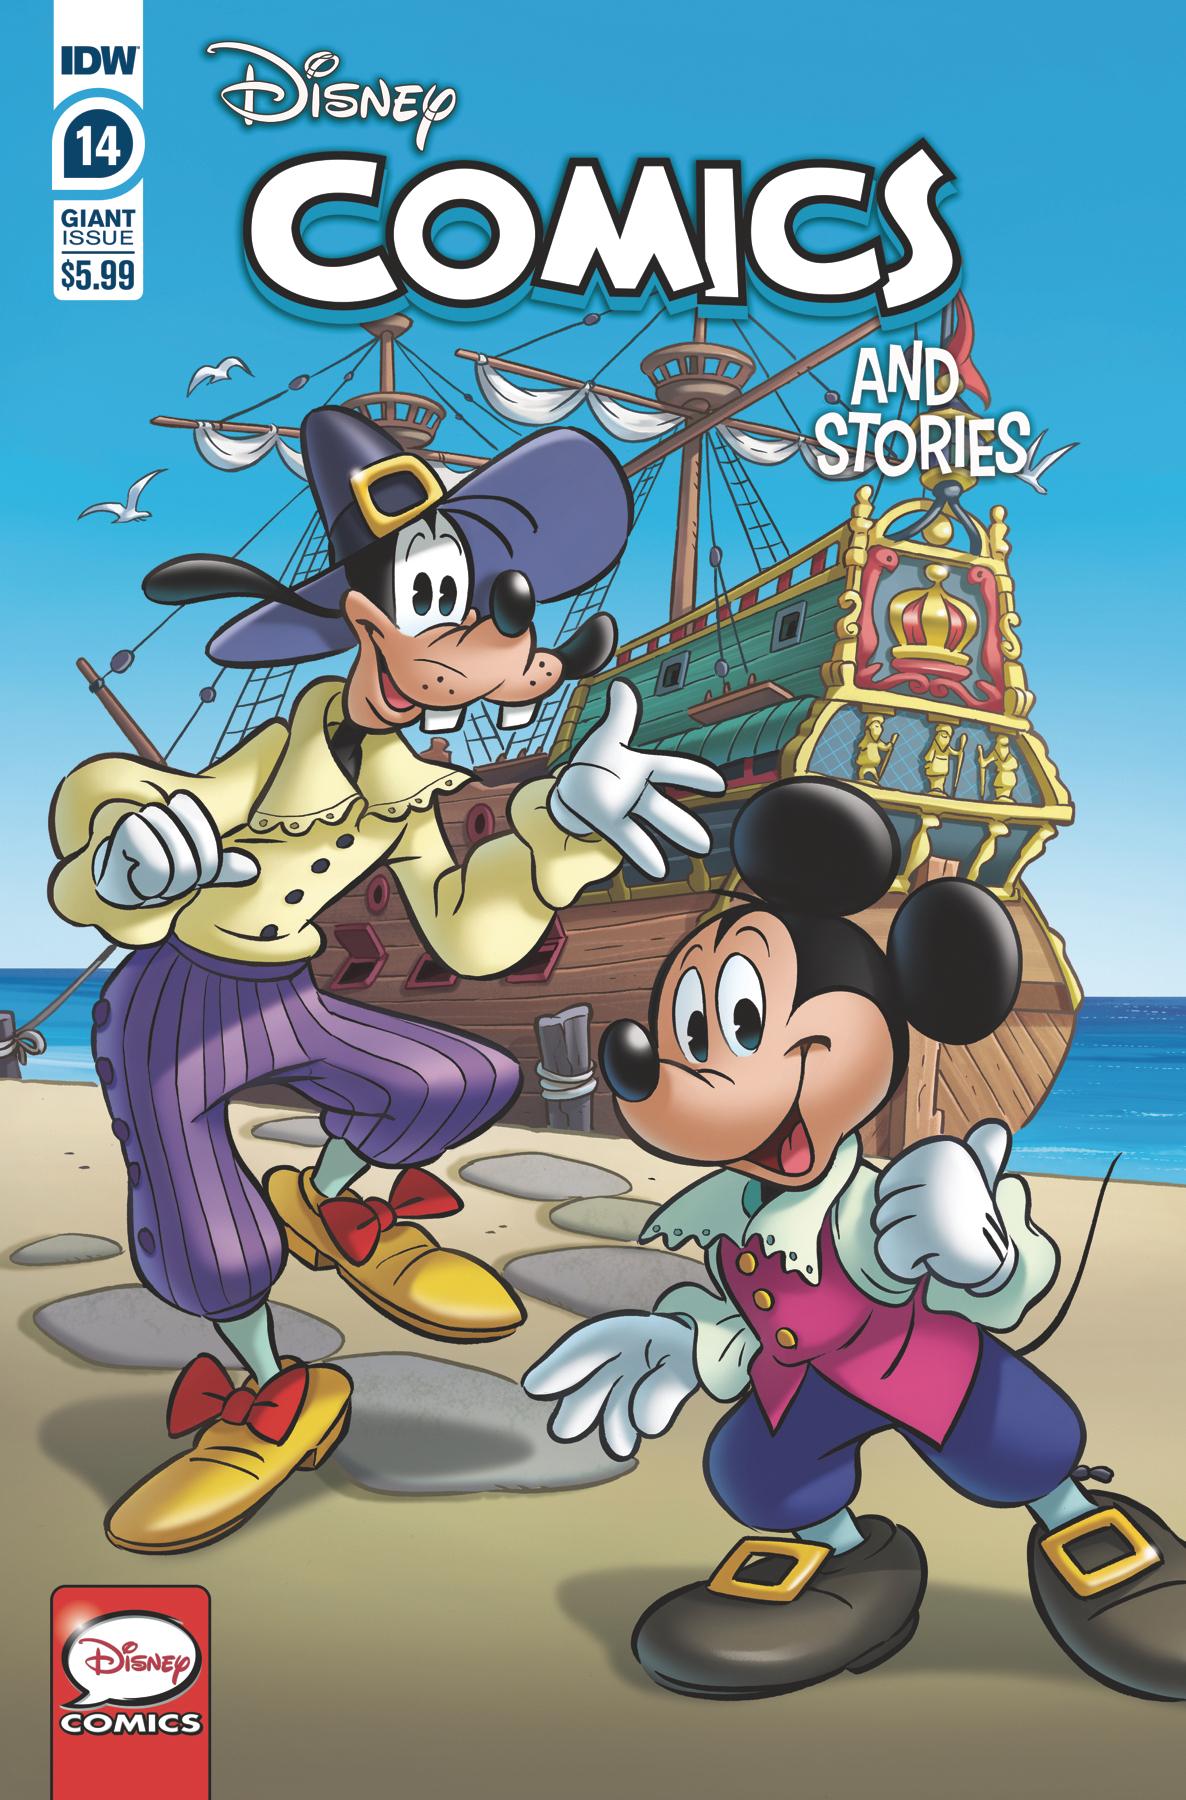 DISNEY COMICS AND STORIES #14 CVR A PERINA